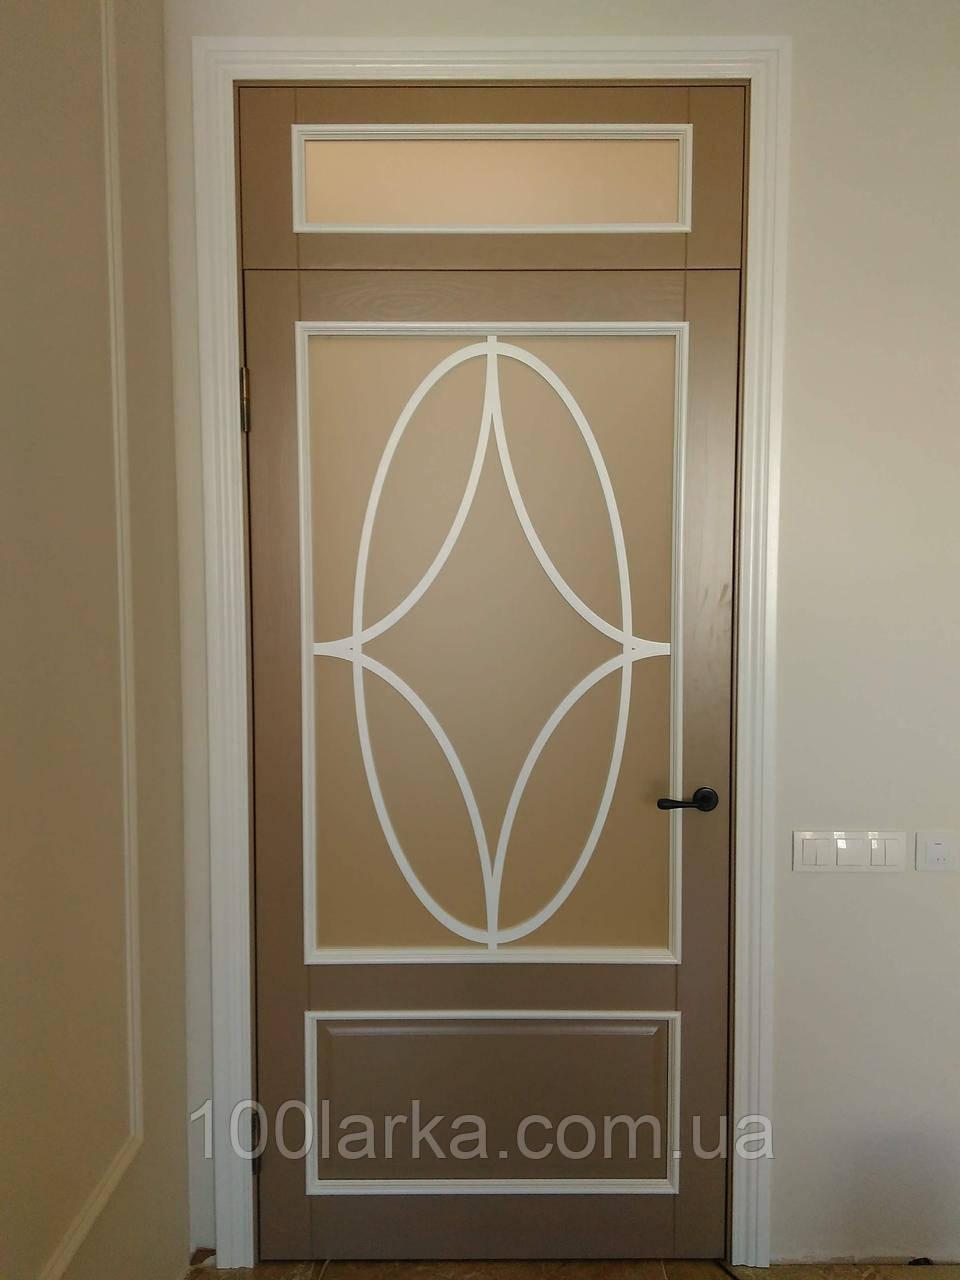 Двери межкомнатные деревянные (ясень) крашенные.